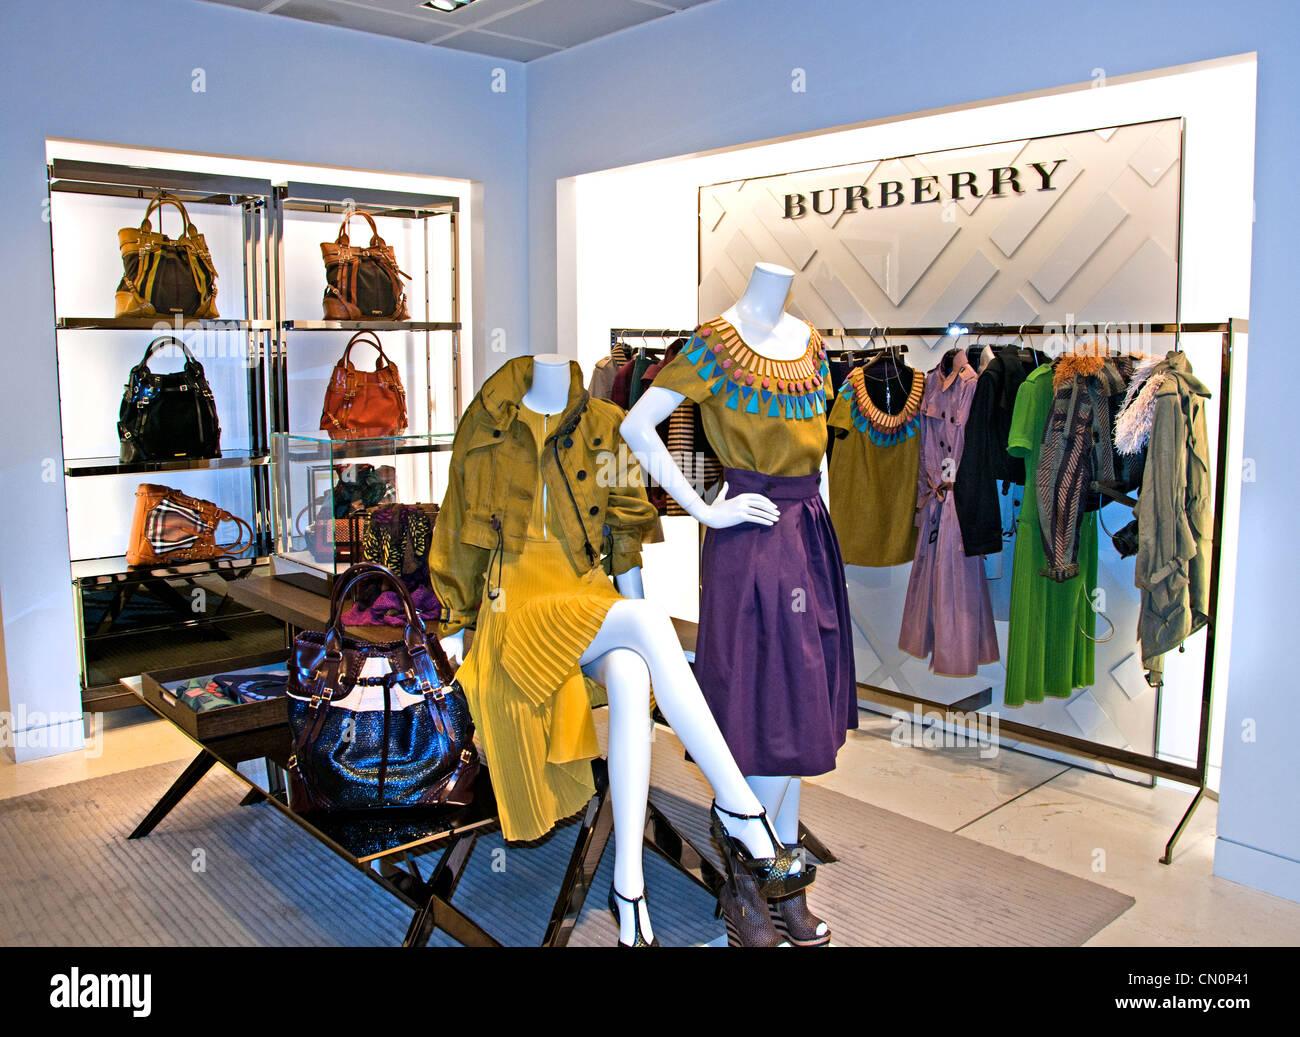 Burberry Le Bon Marché Paris Frankreich Mode-Kaufhaus Stockbild